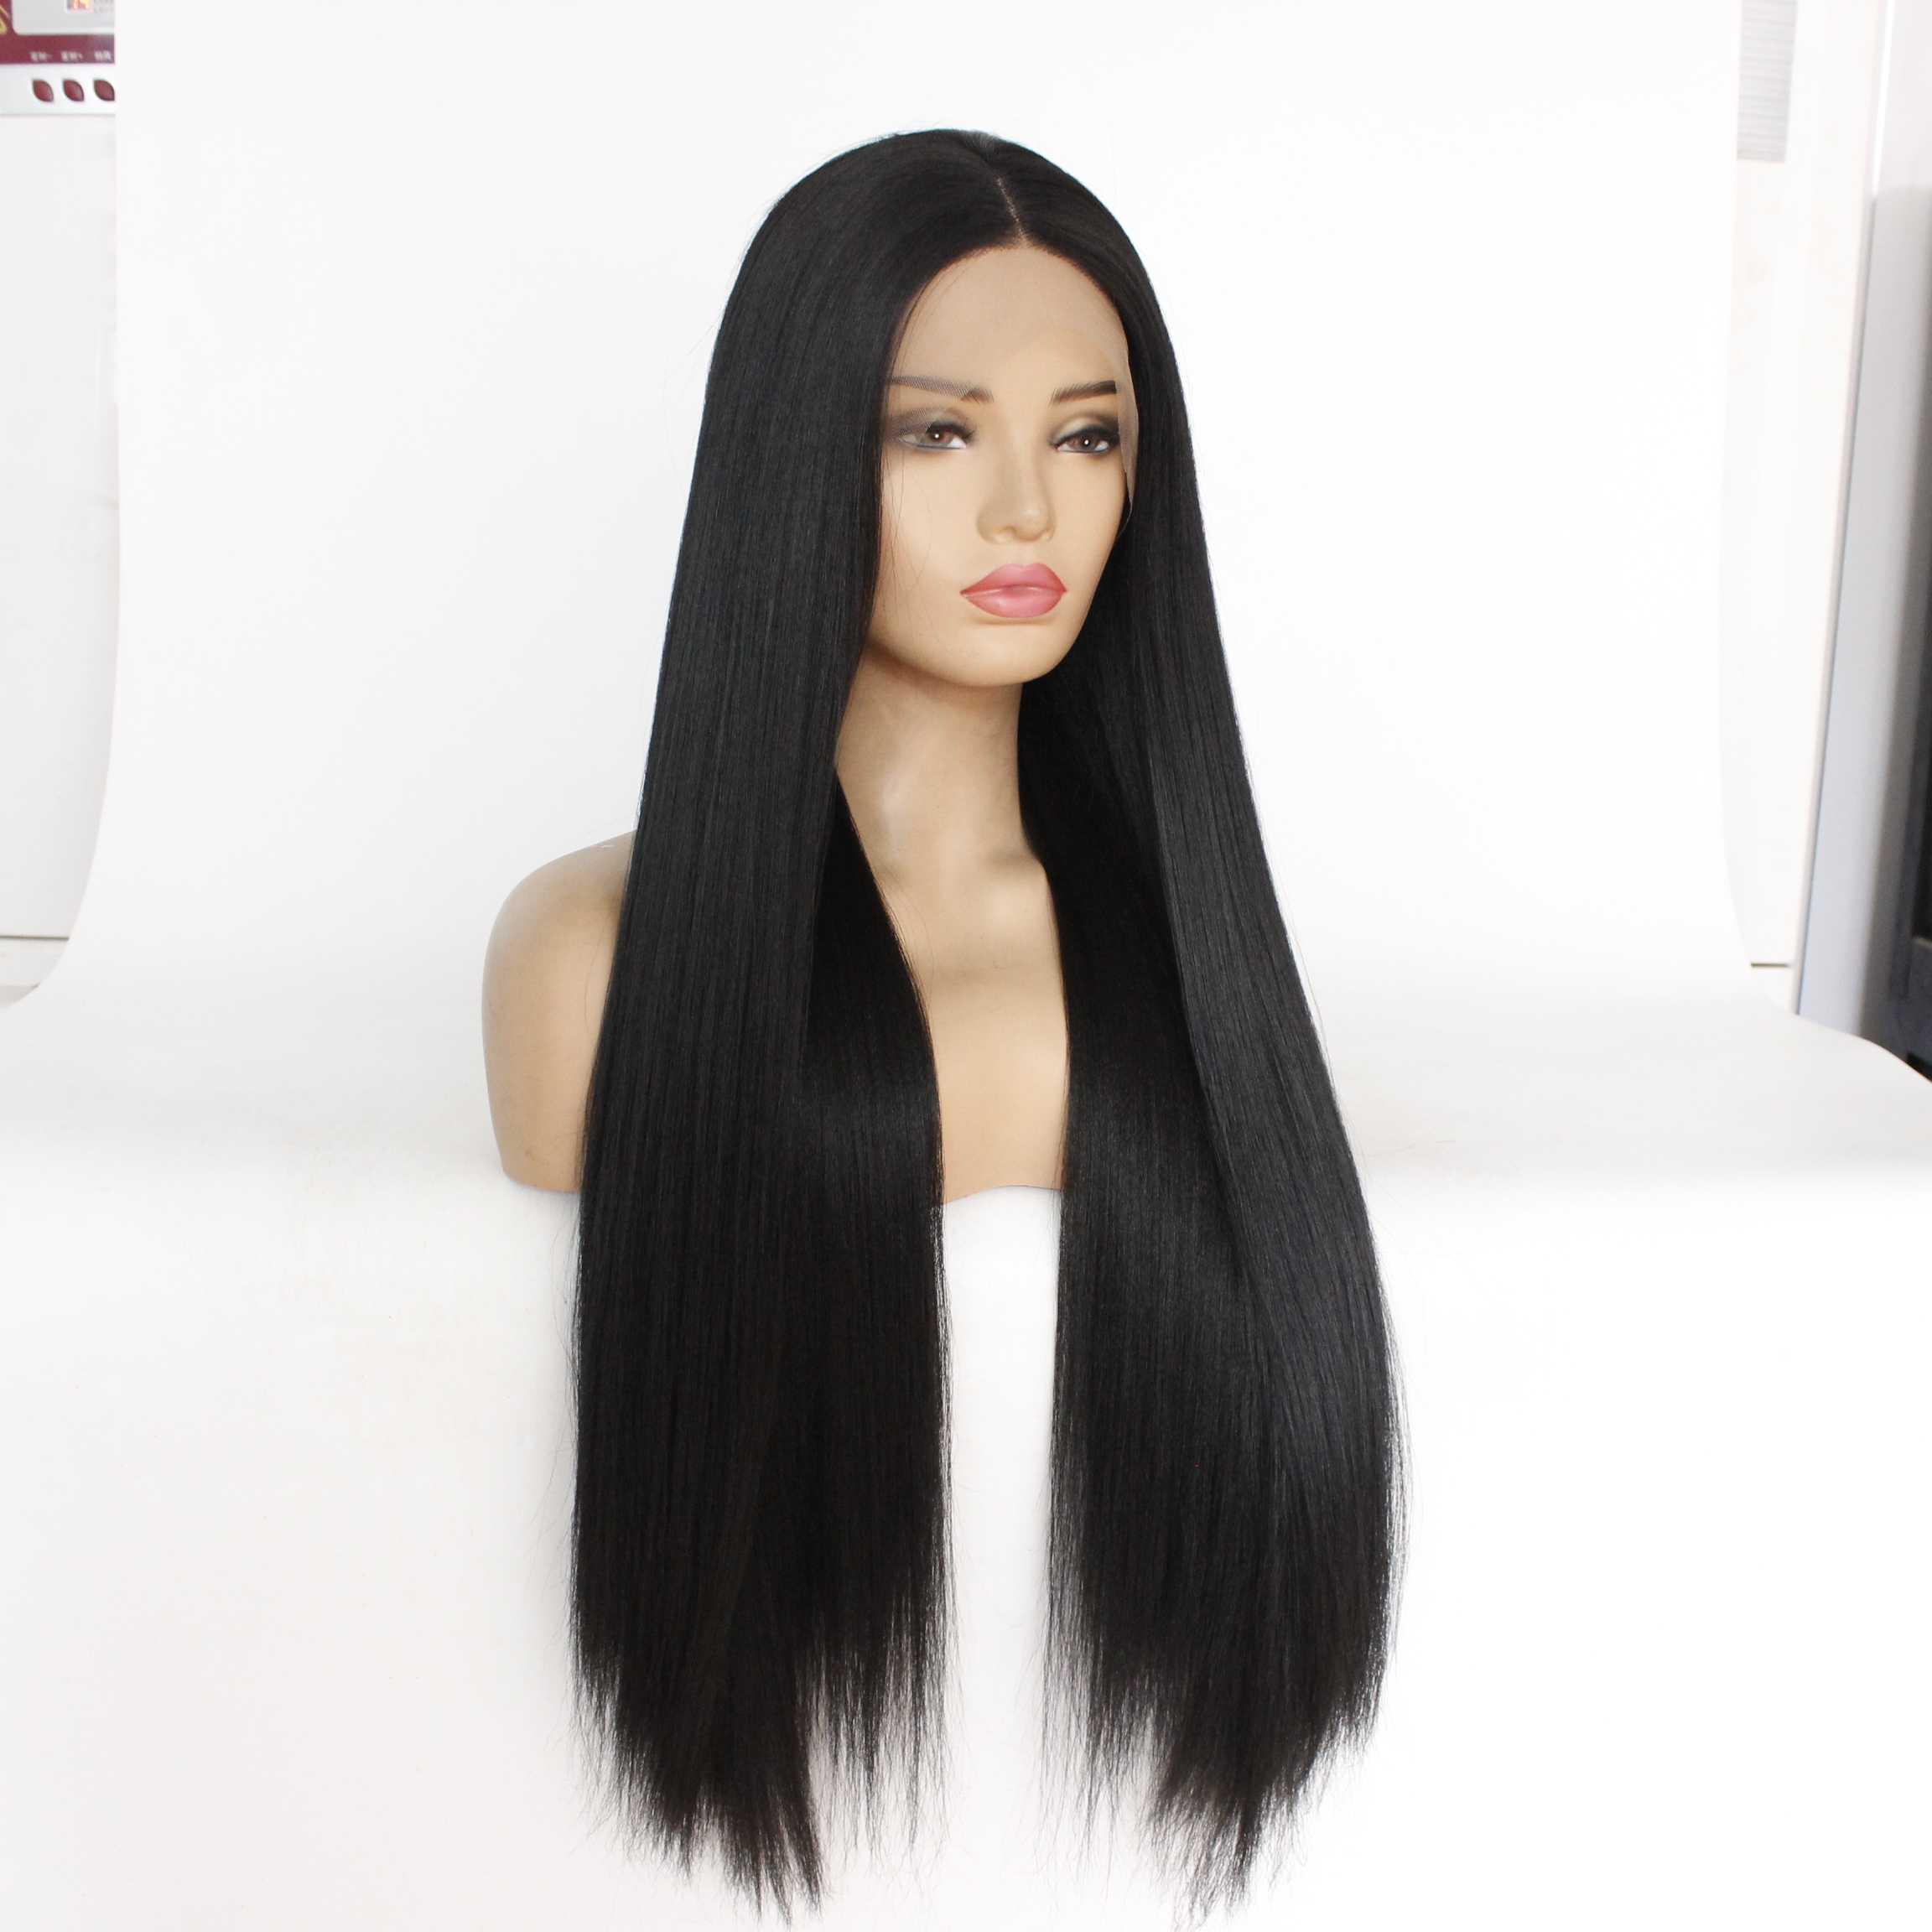 MRWIG طويل ياكي مستقيم الاصطناعية الدانتيل شعر مستعار أمامي منتصف جزء غلويليس ألياف مقاومة للحرارة سيدة نساء 150% الكثافة